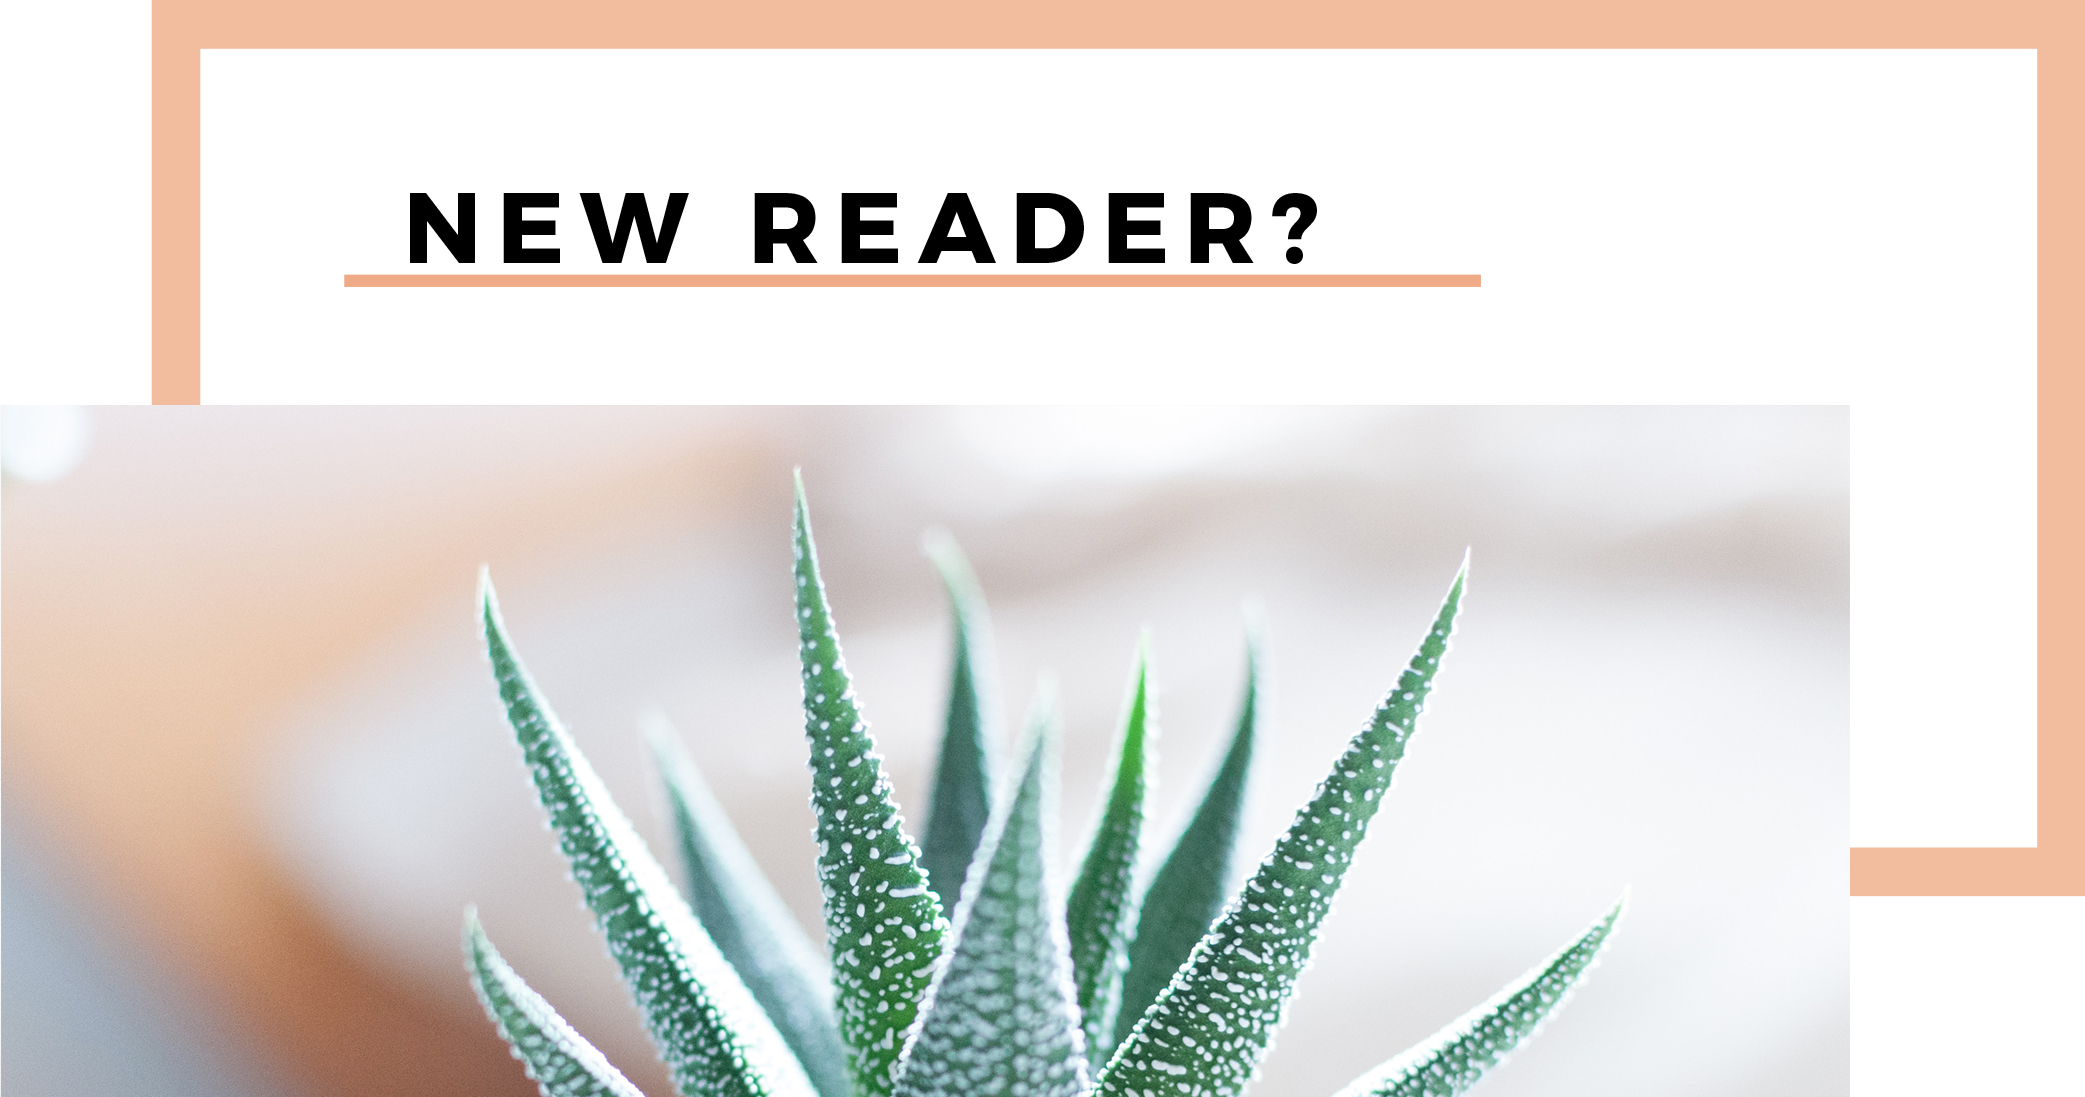 newreader2.jpg